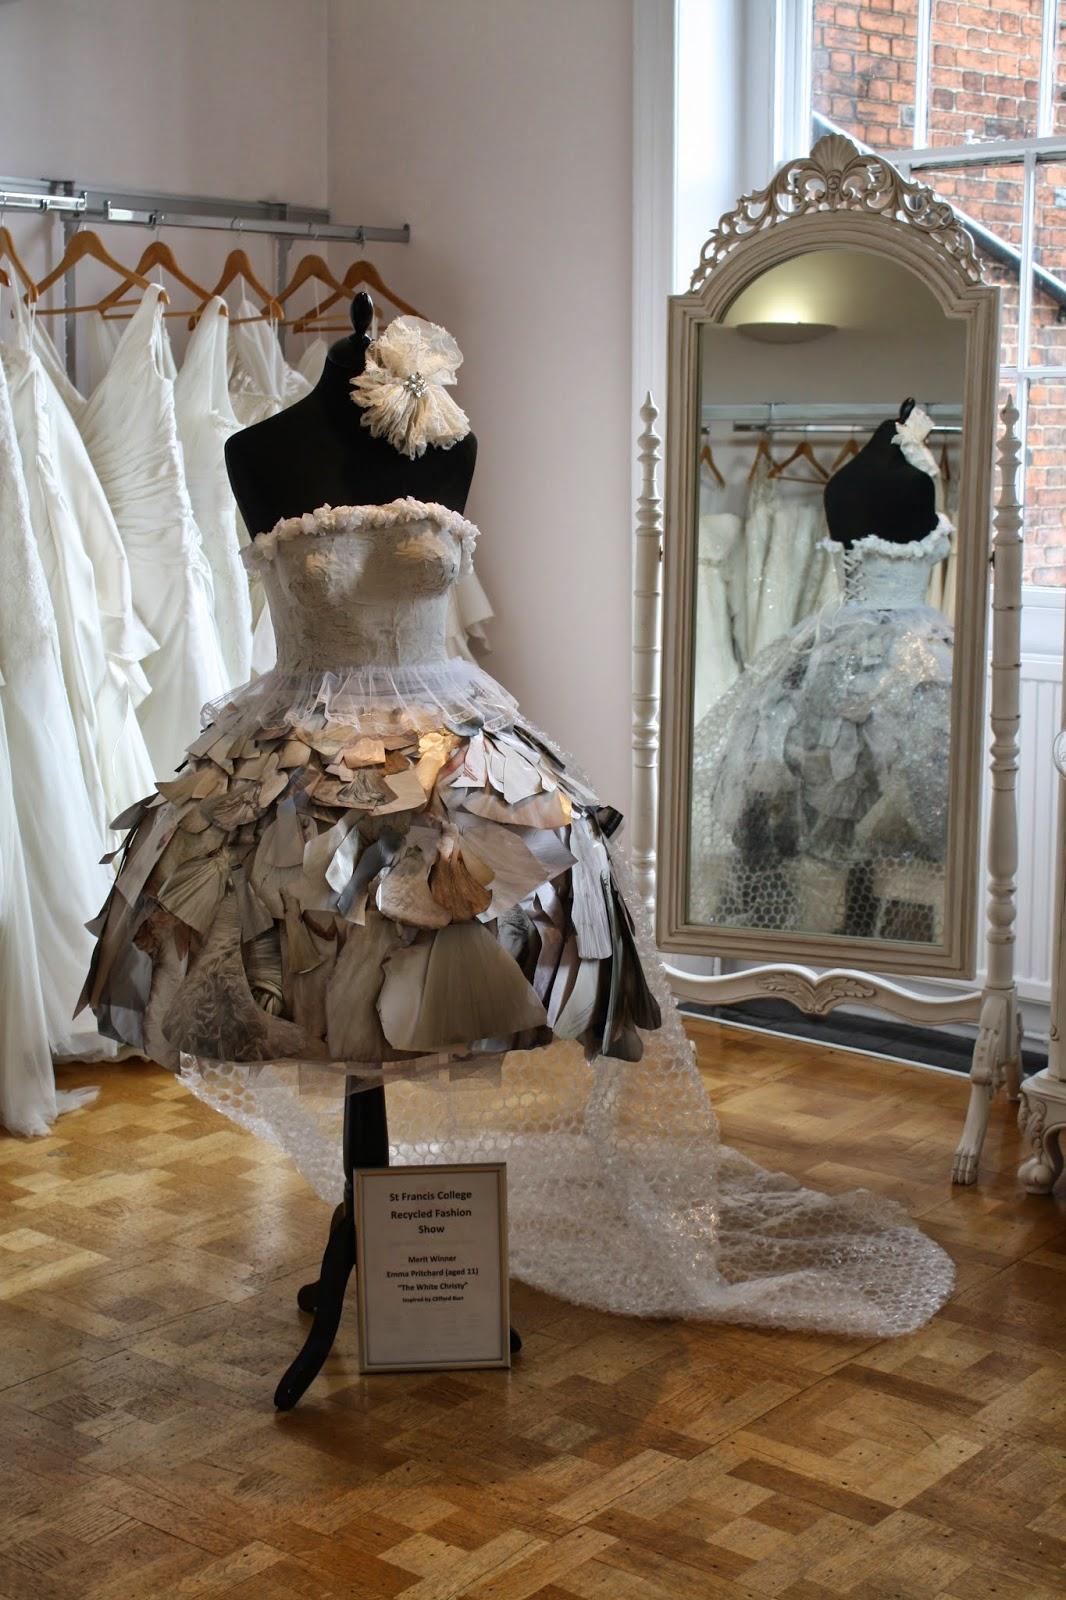 Clifford-Burr Bridal: Recycled Wedding Dress by Emma Pritchard